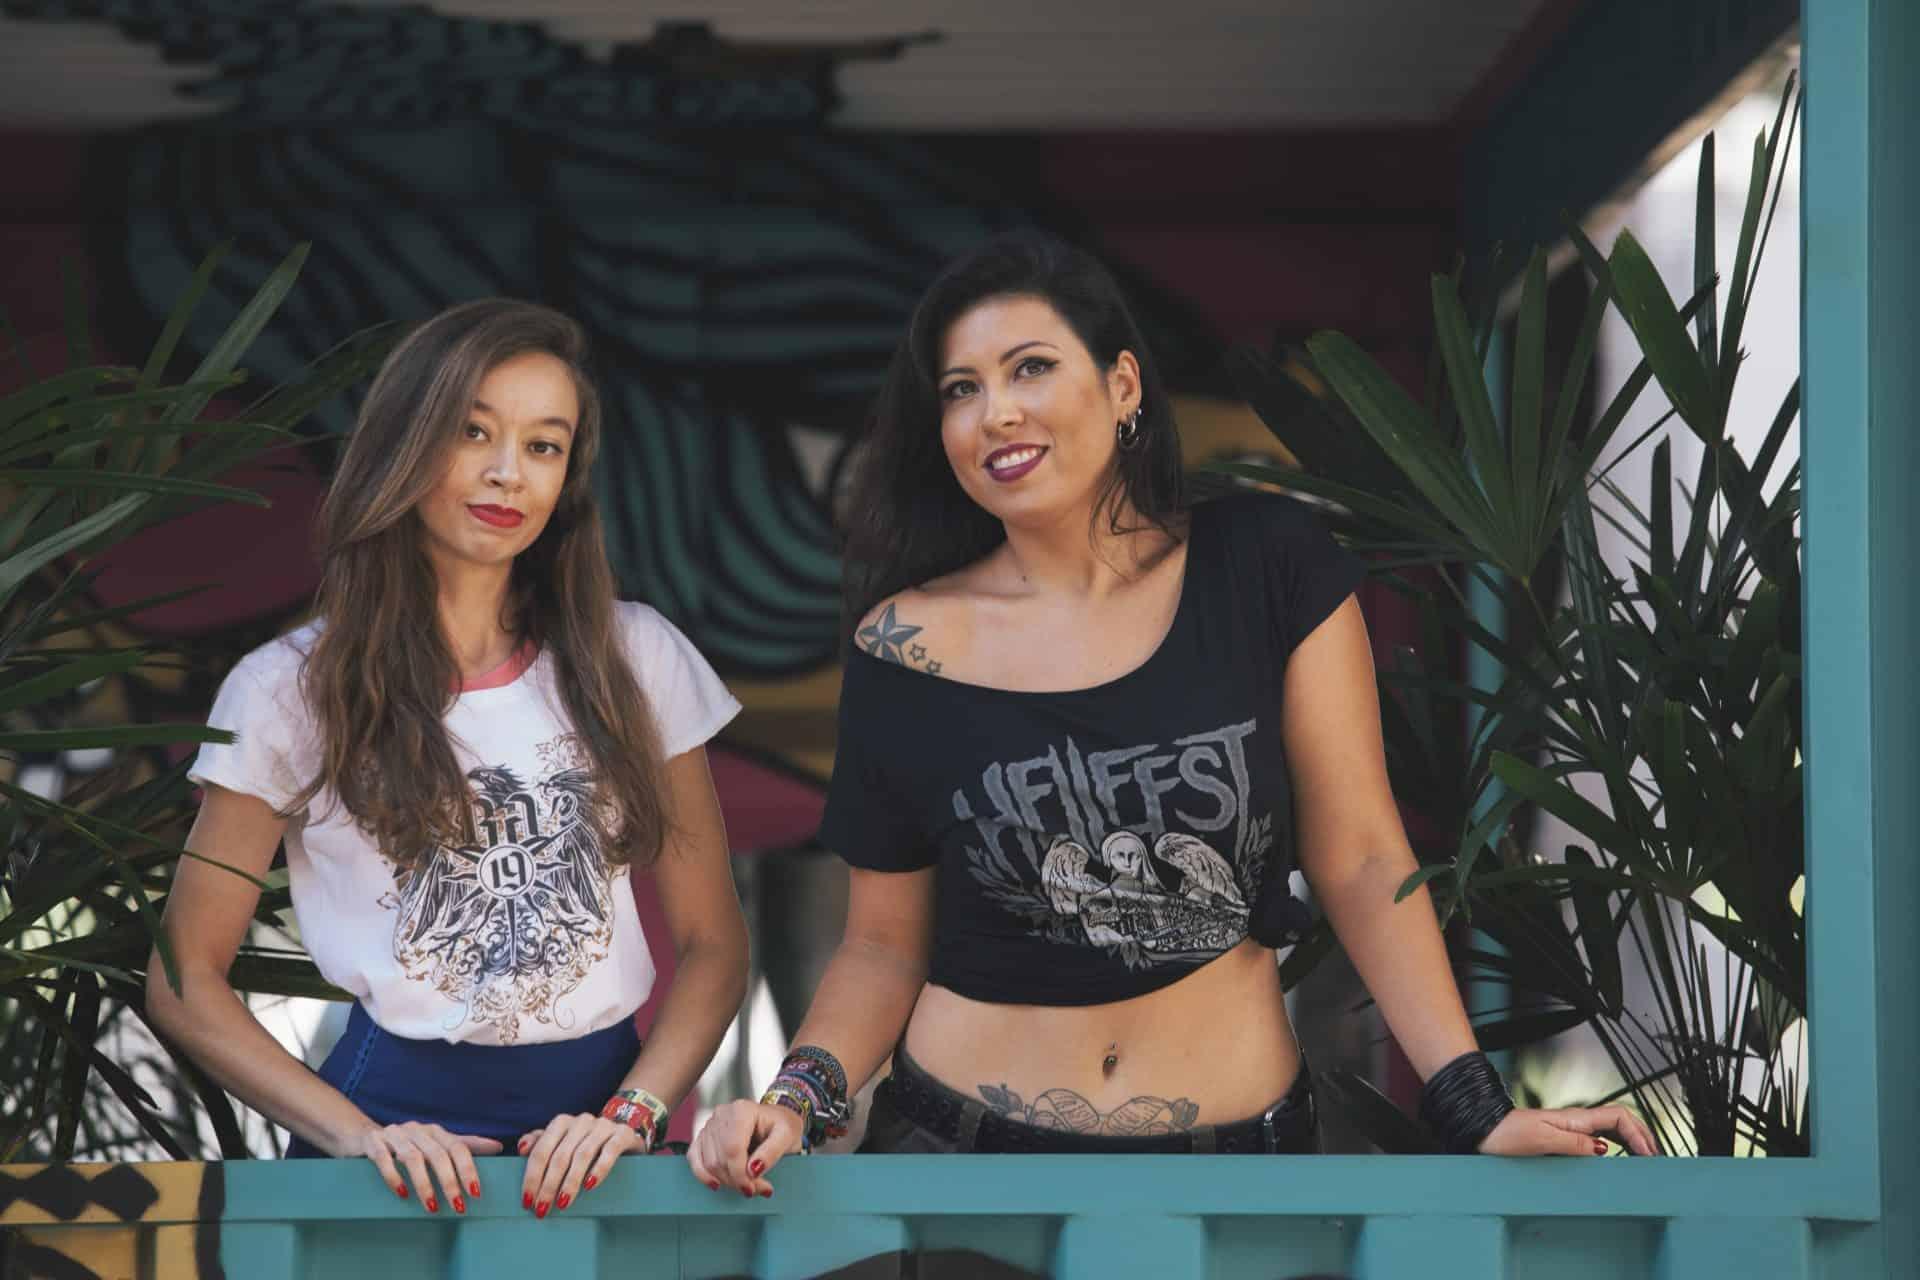 O mundo é delas: Gracielle Fonseca e Priscila Brito falam sobre turismo musical